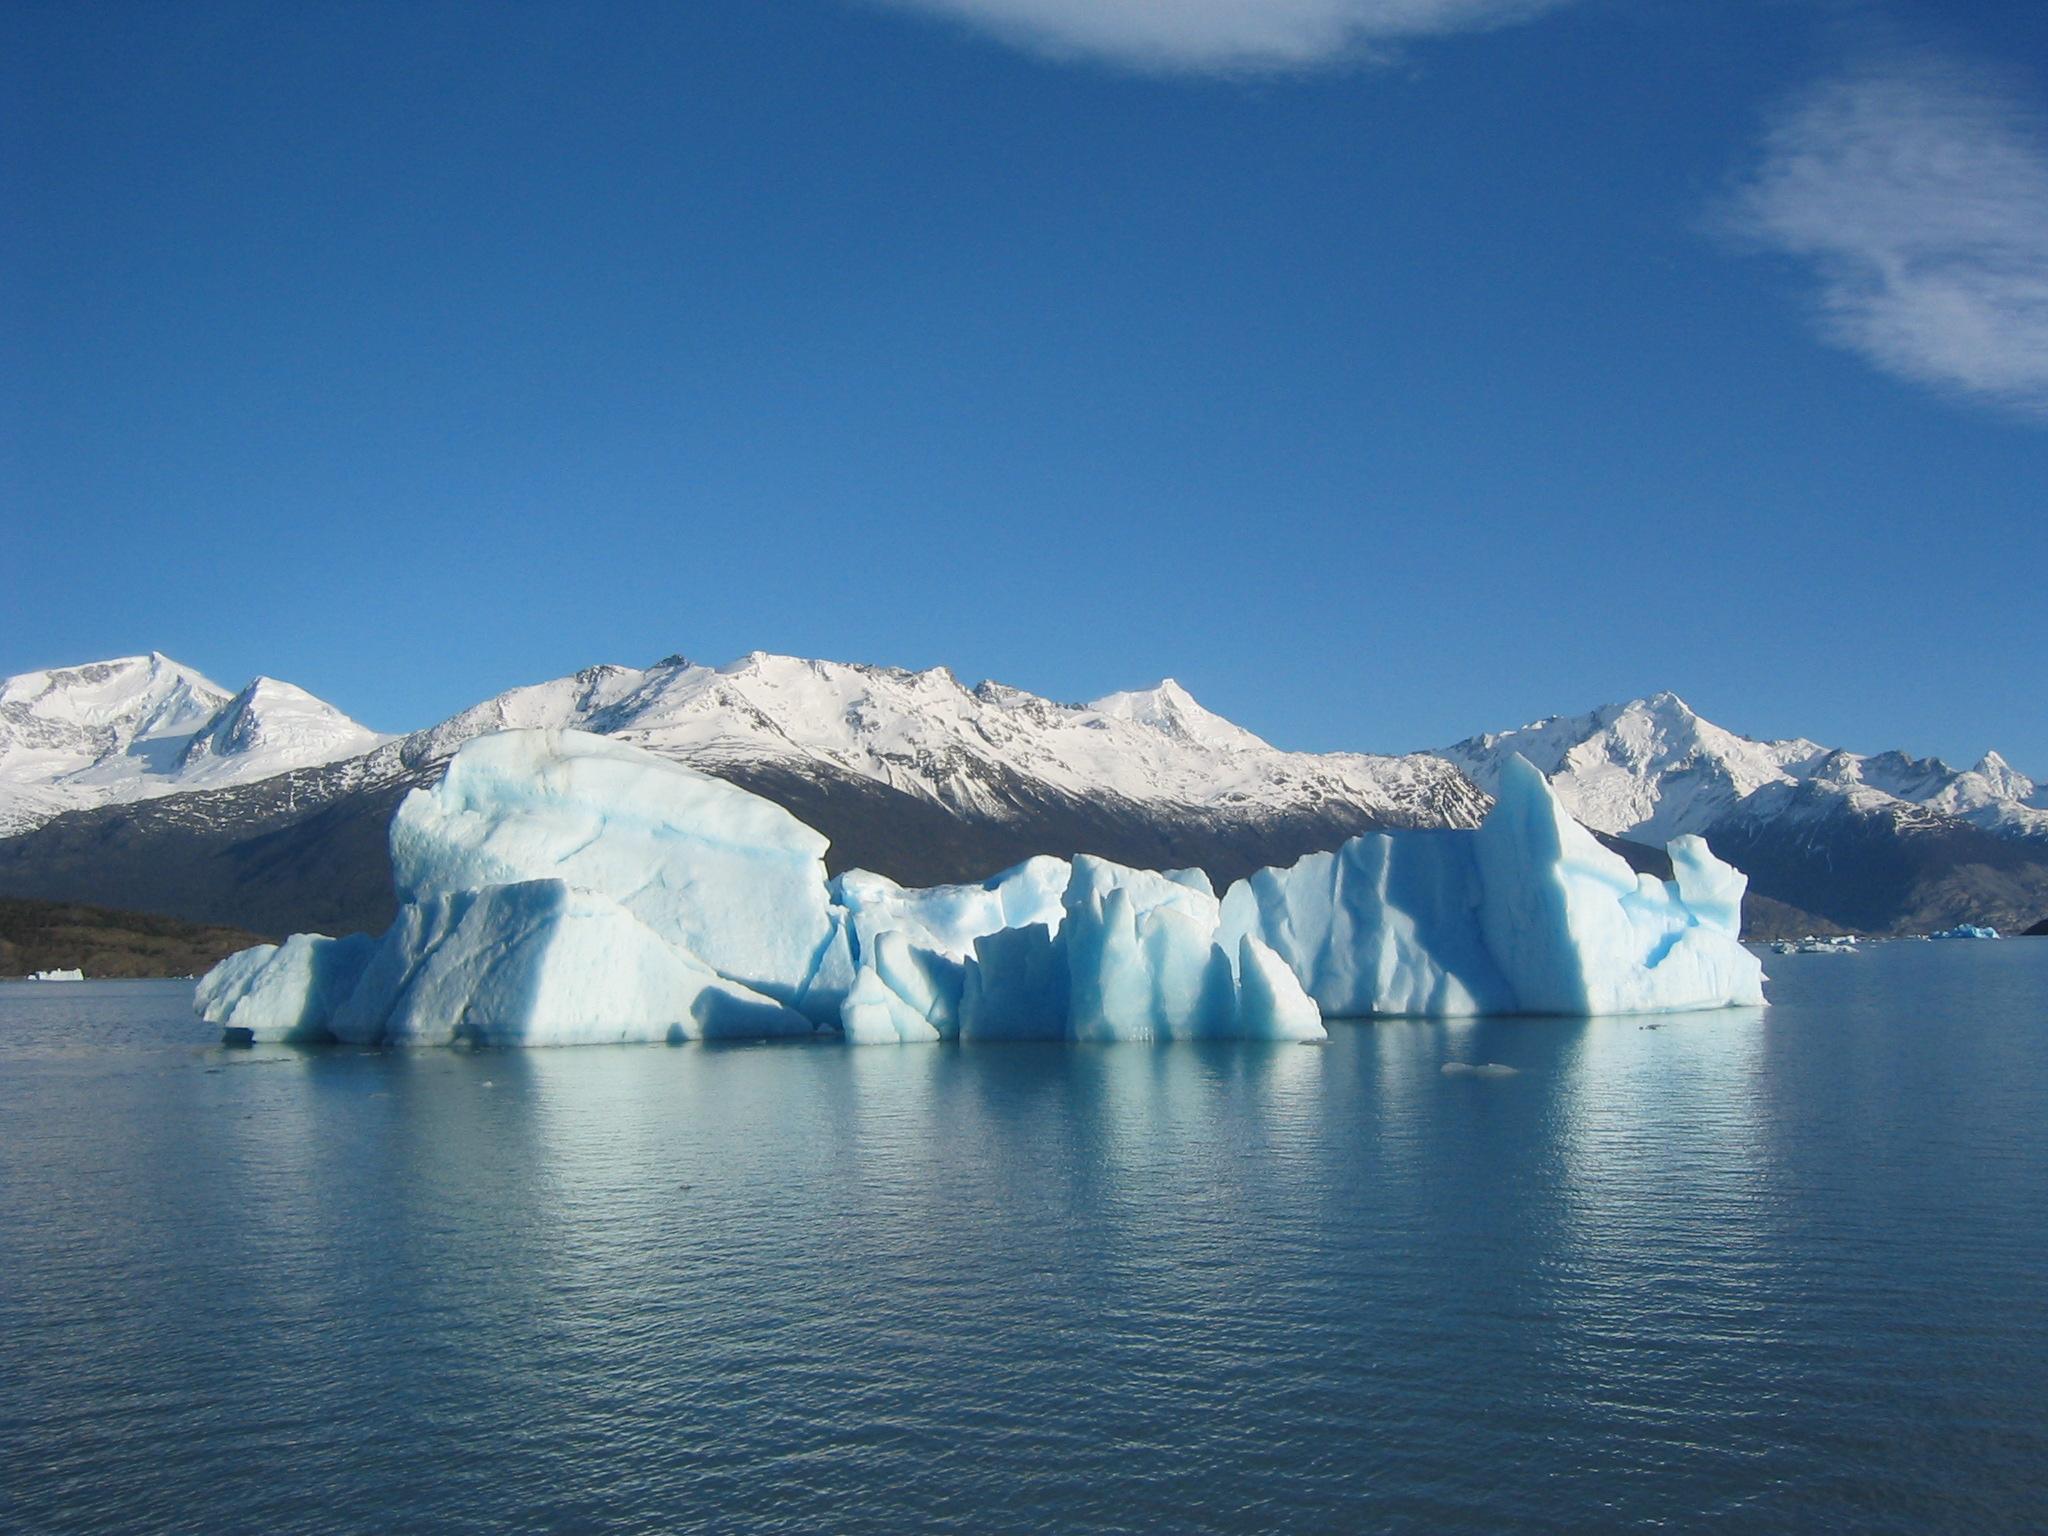 El cambio climático proseguirá hasta el año 3000 en el mejor escenario